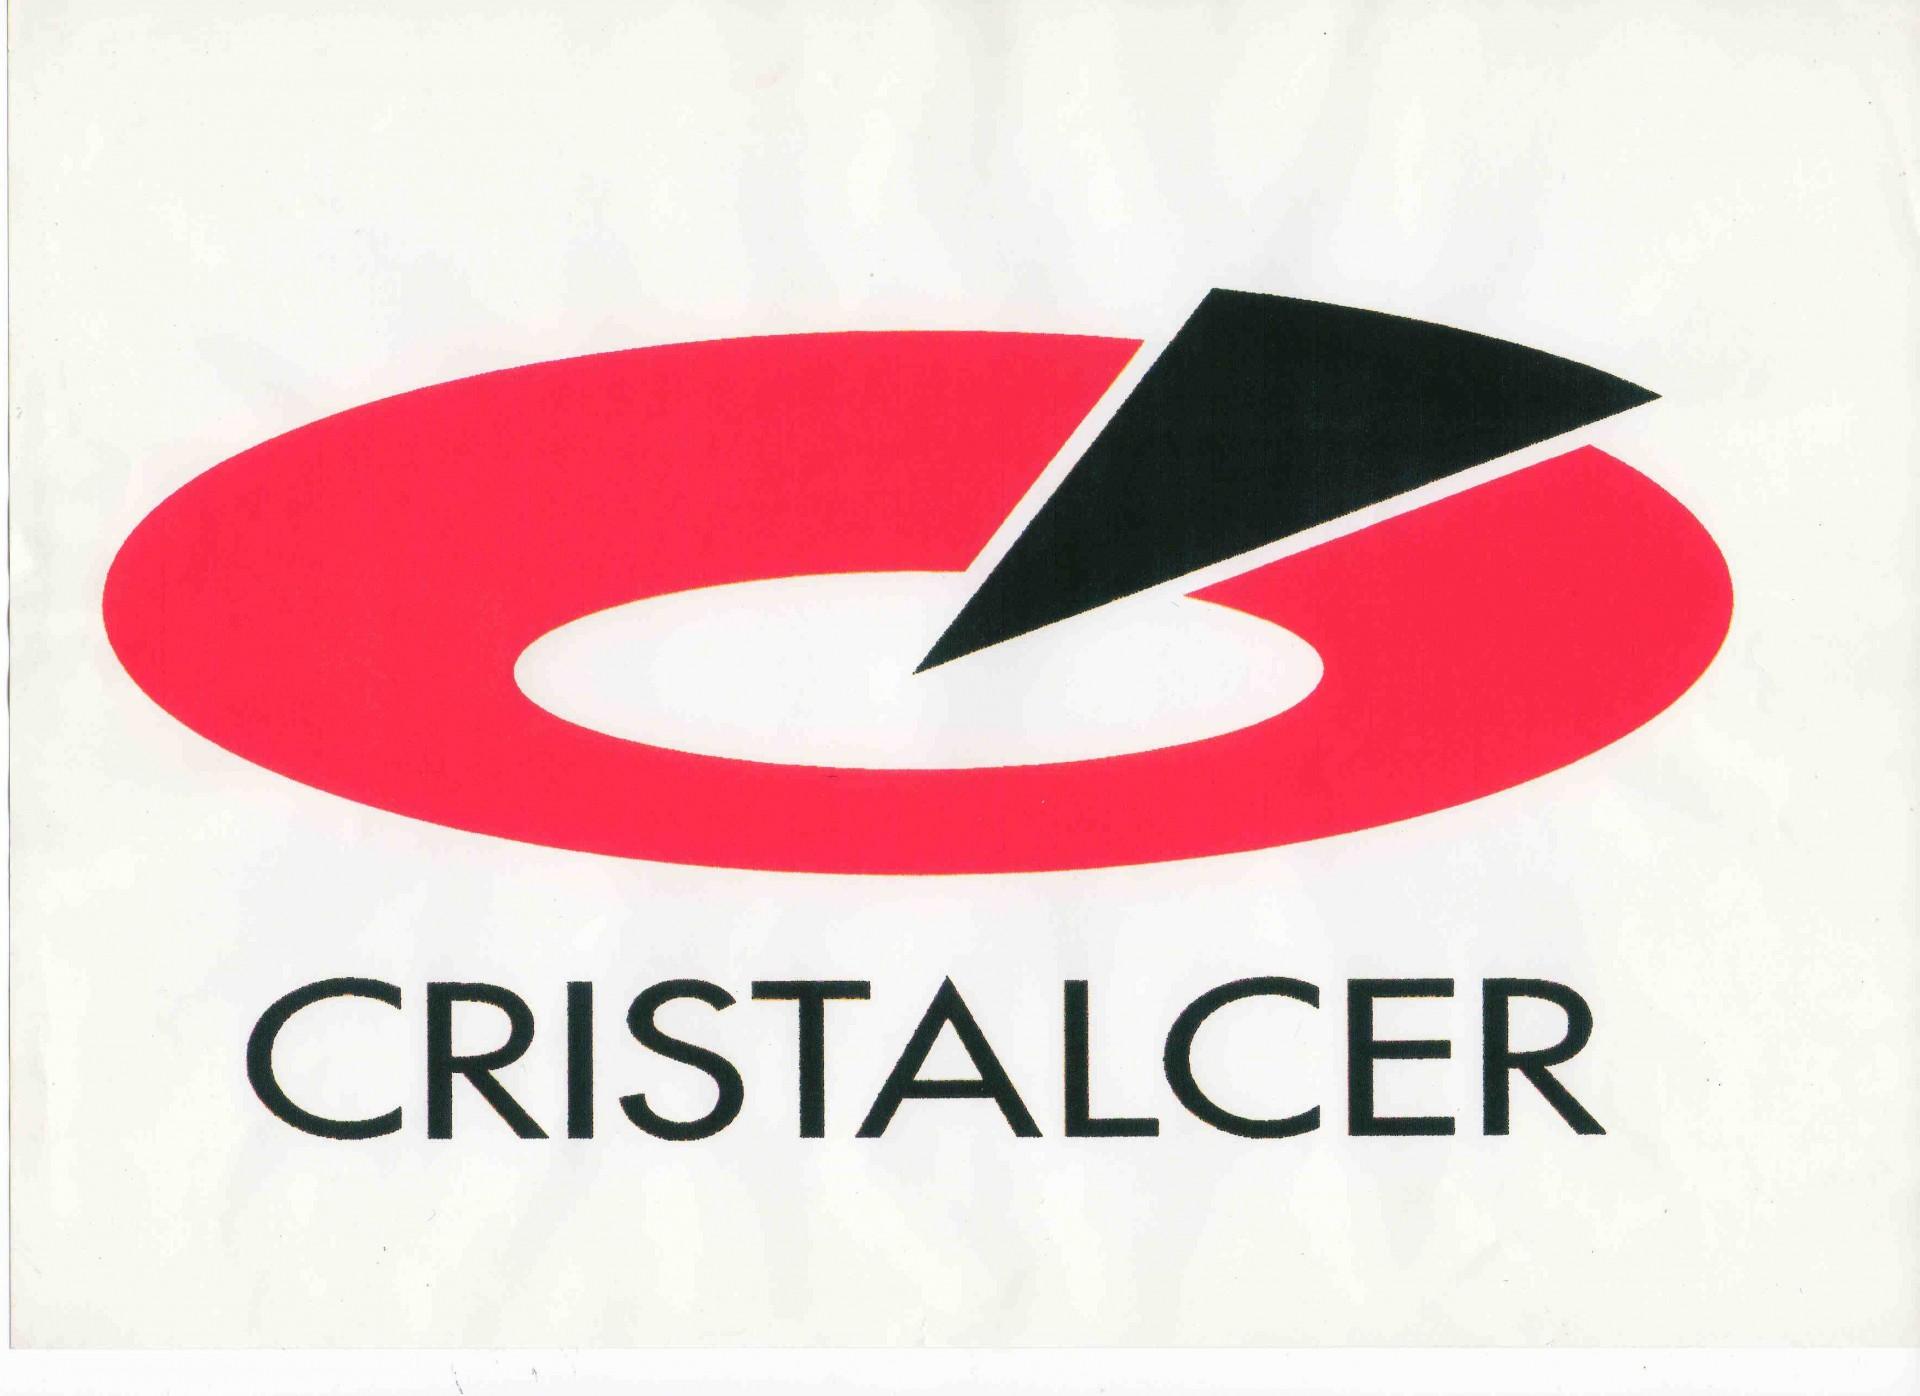 Cristalcer - Cerâmica, Produtos e Serviços